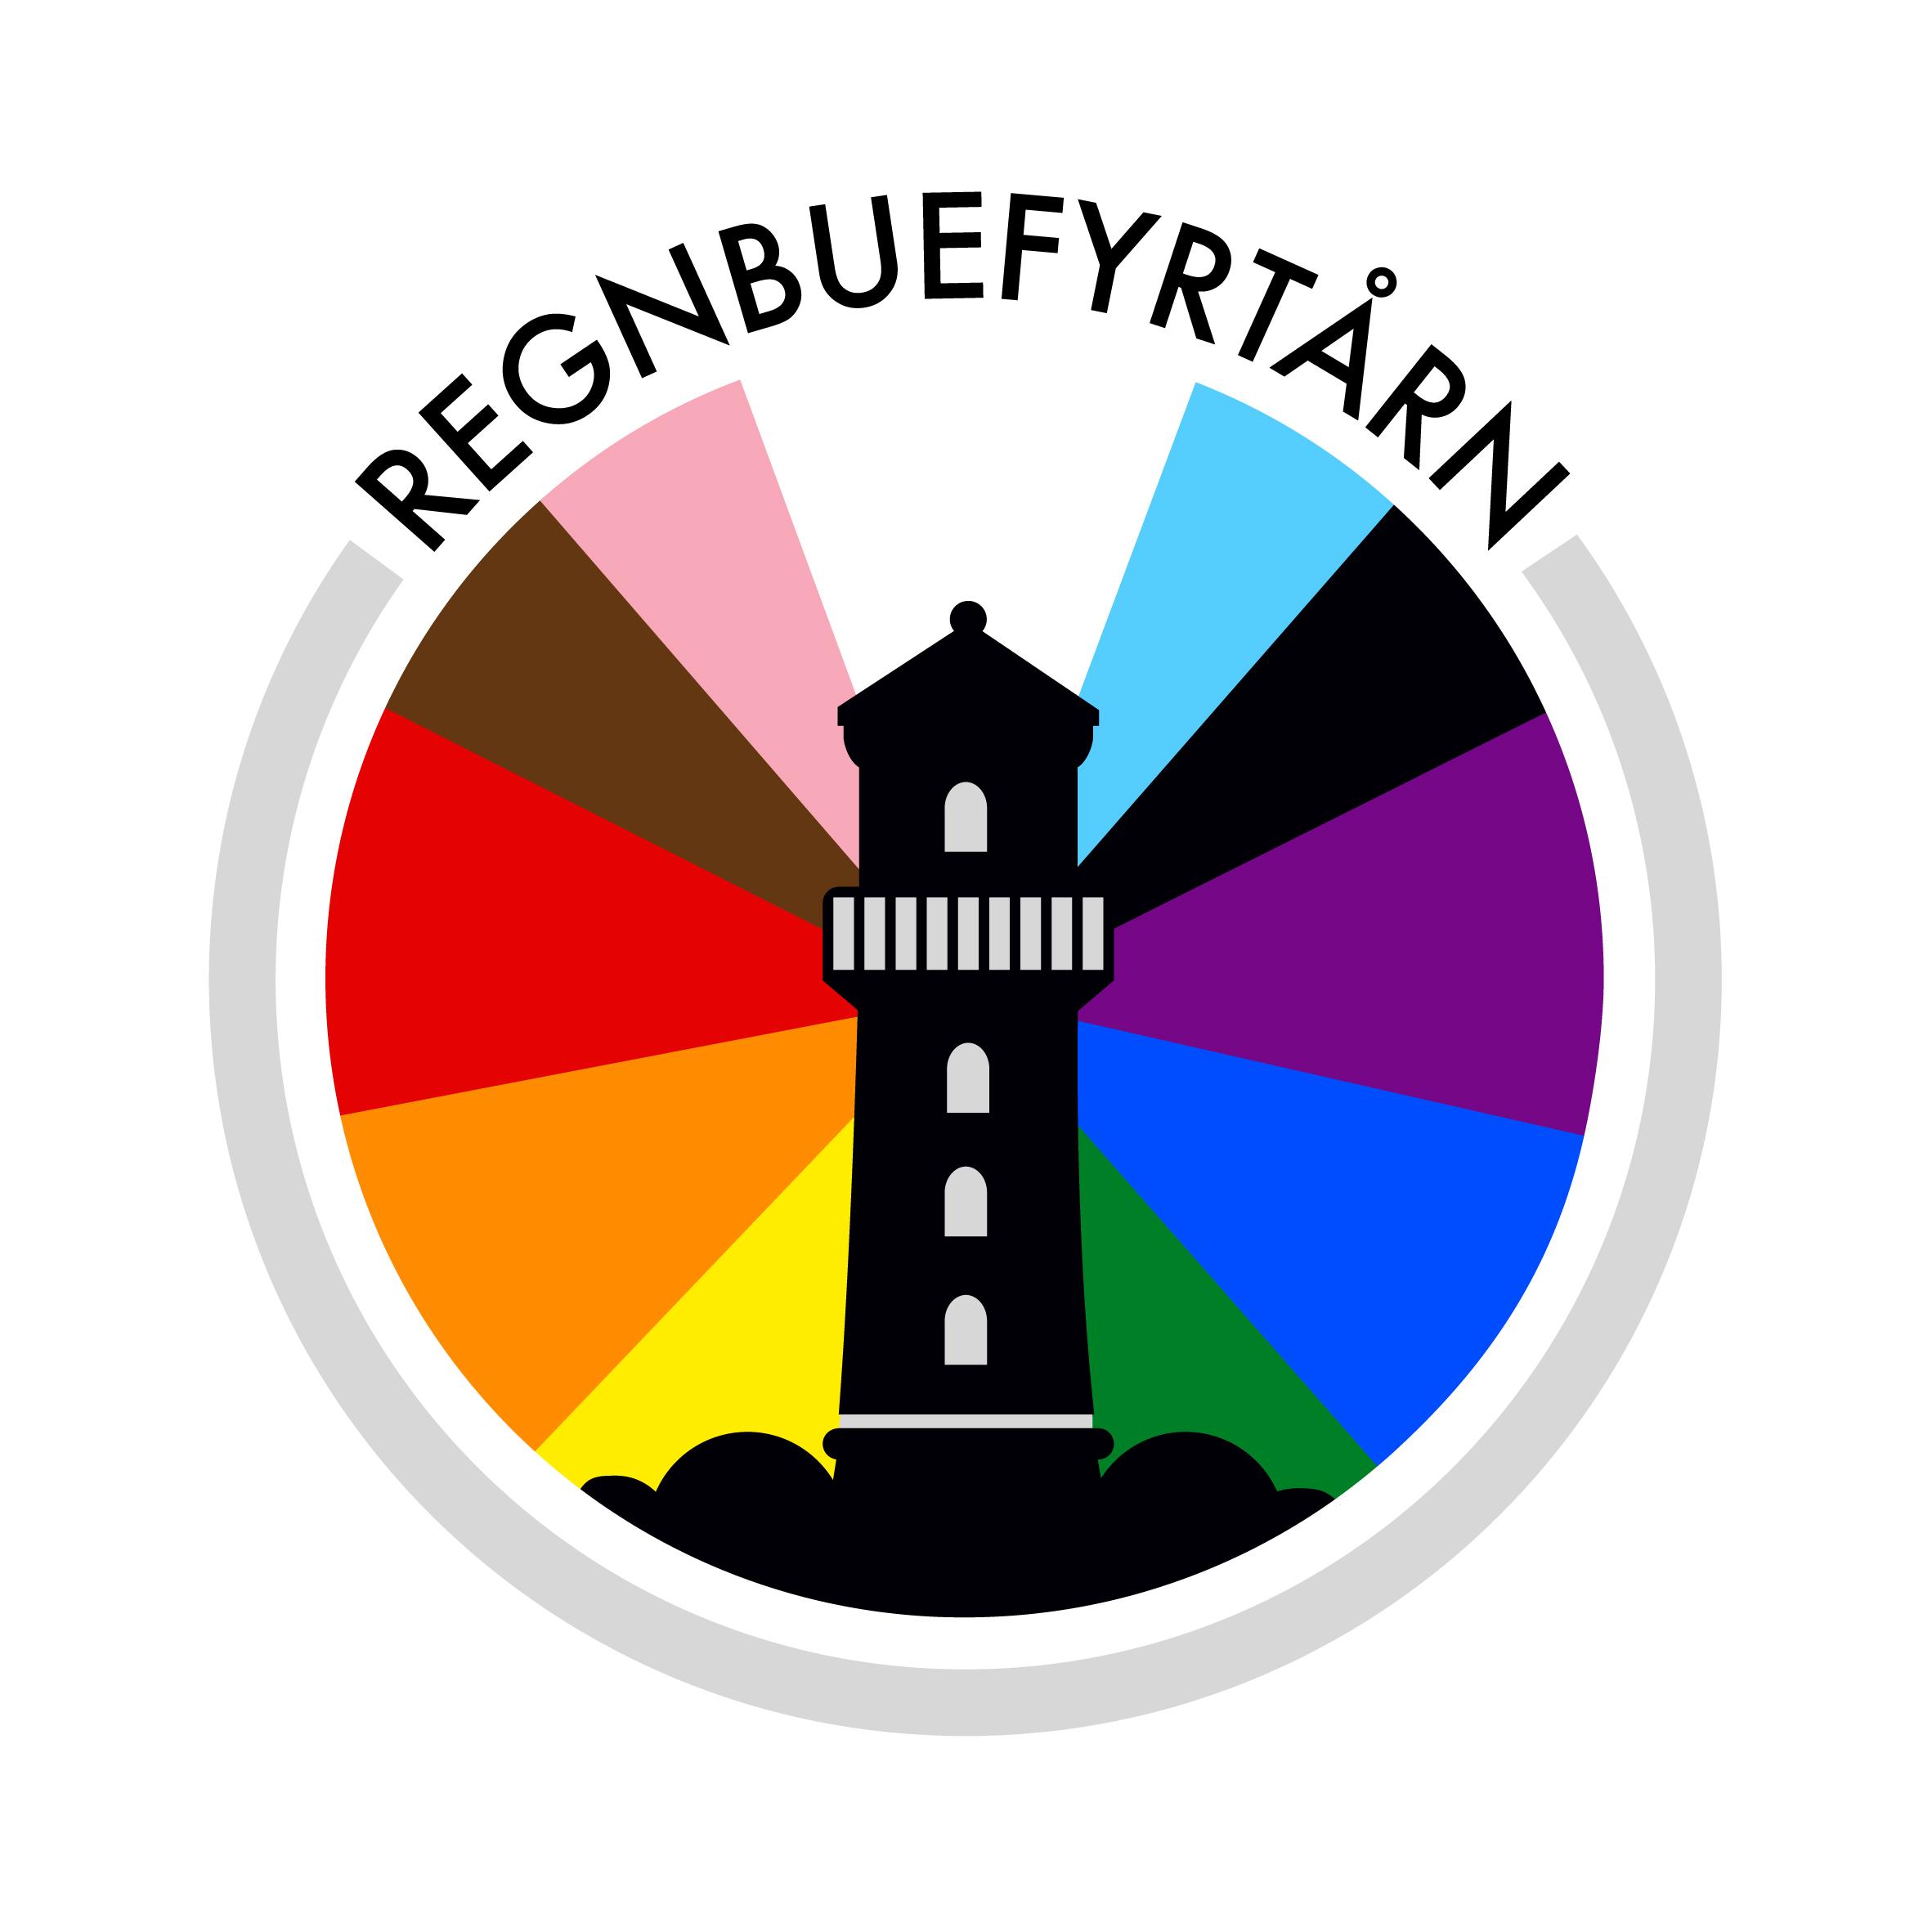 Regnbuefyrtårn logo